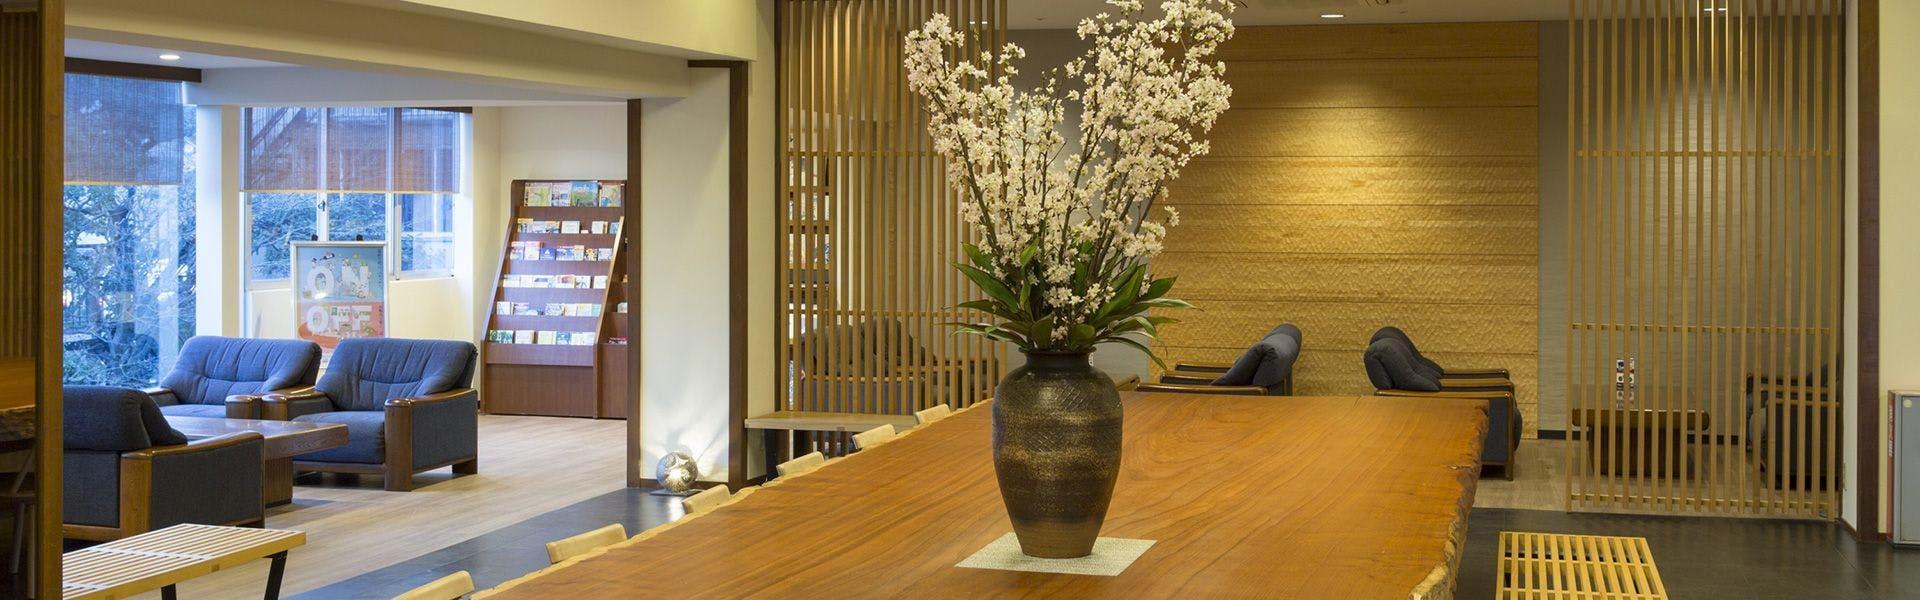 記念日におすすめのホテル・【伊東小涌園】 の空室状況を確認するの写真1